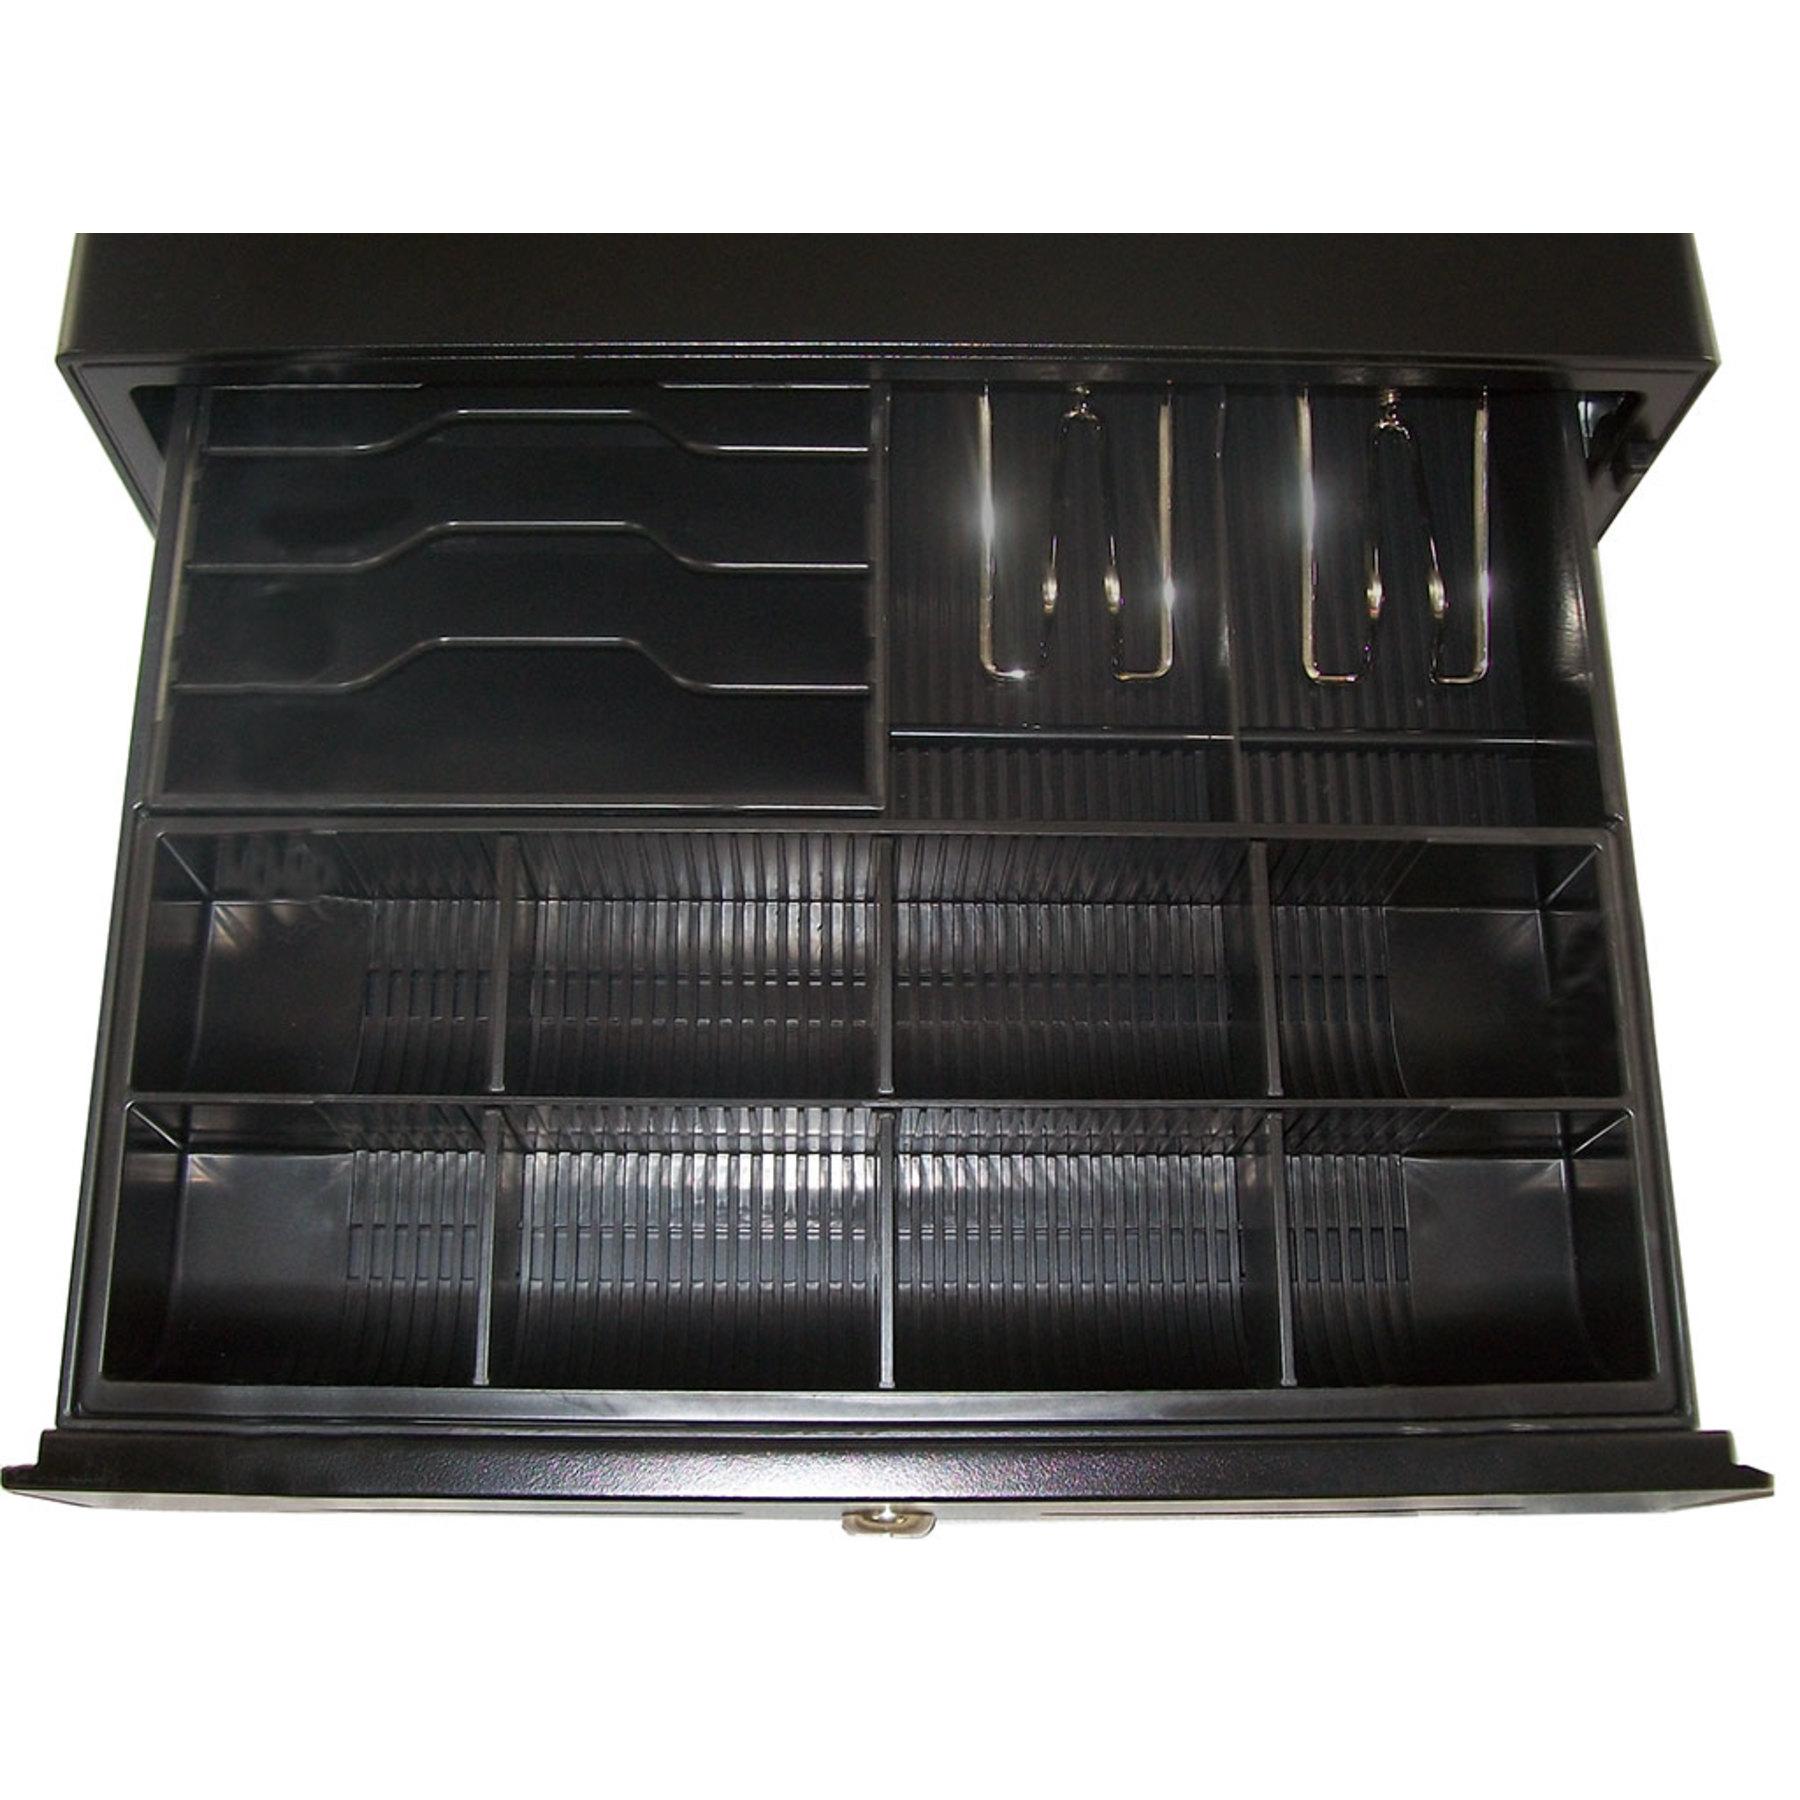 apg cash drawer manual open